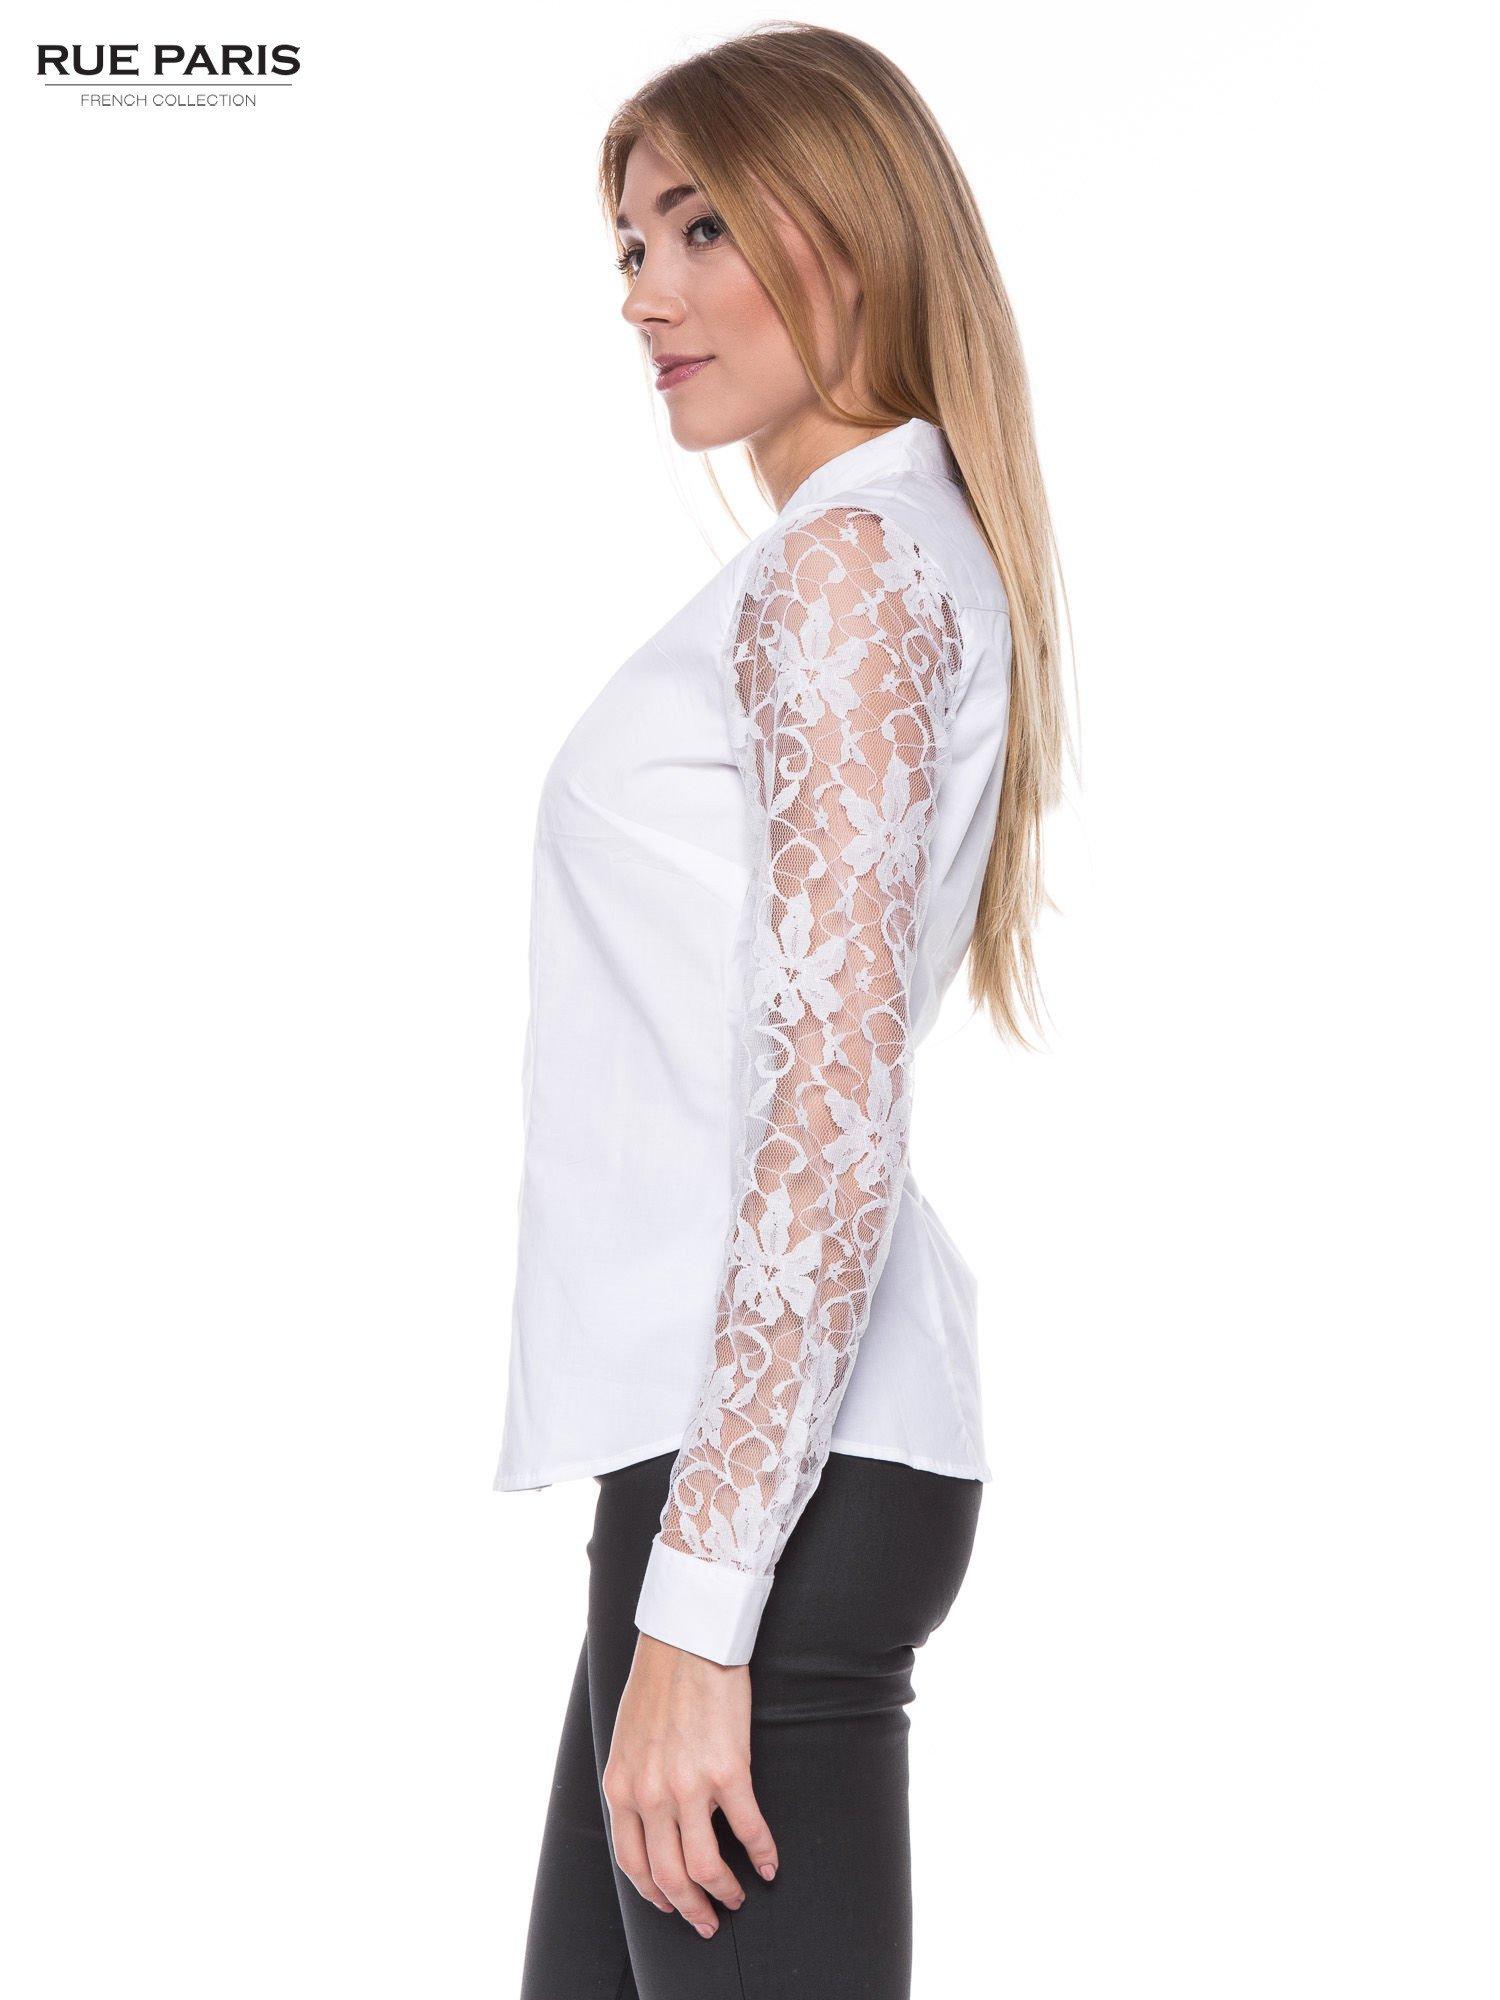 Biała elegancka koszula z koronkowymi rękawami                                  zdj.                                  2